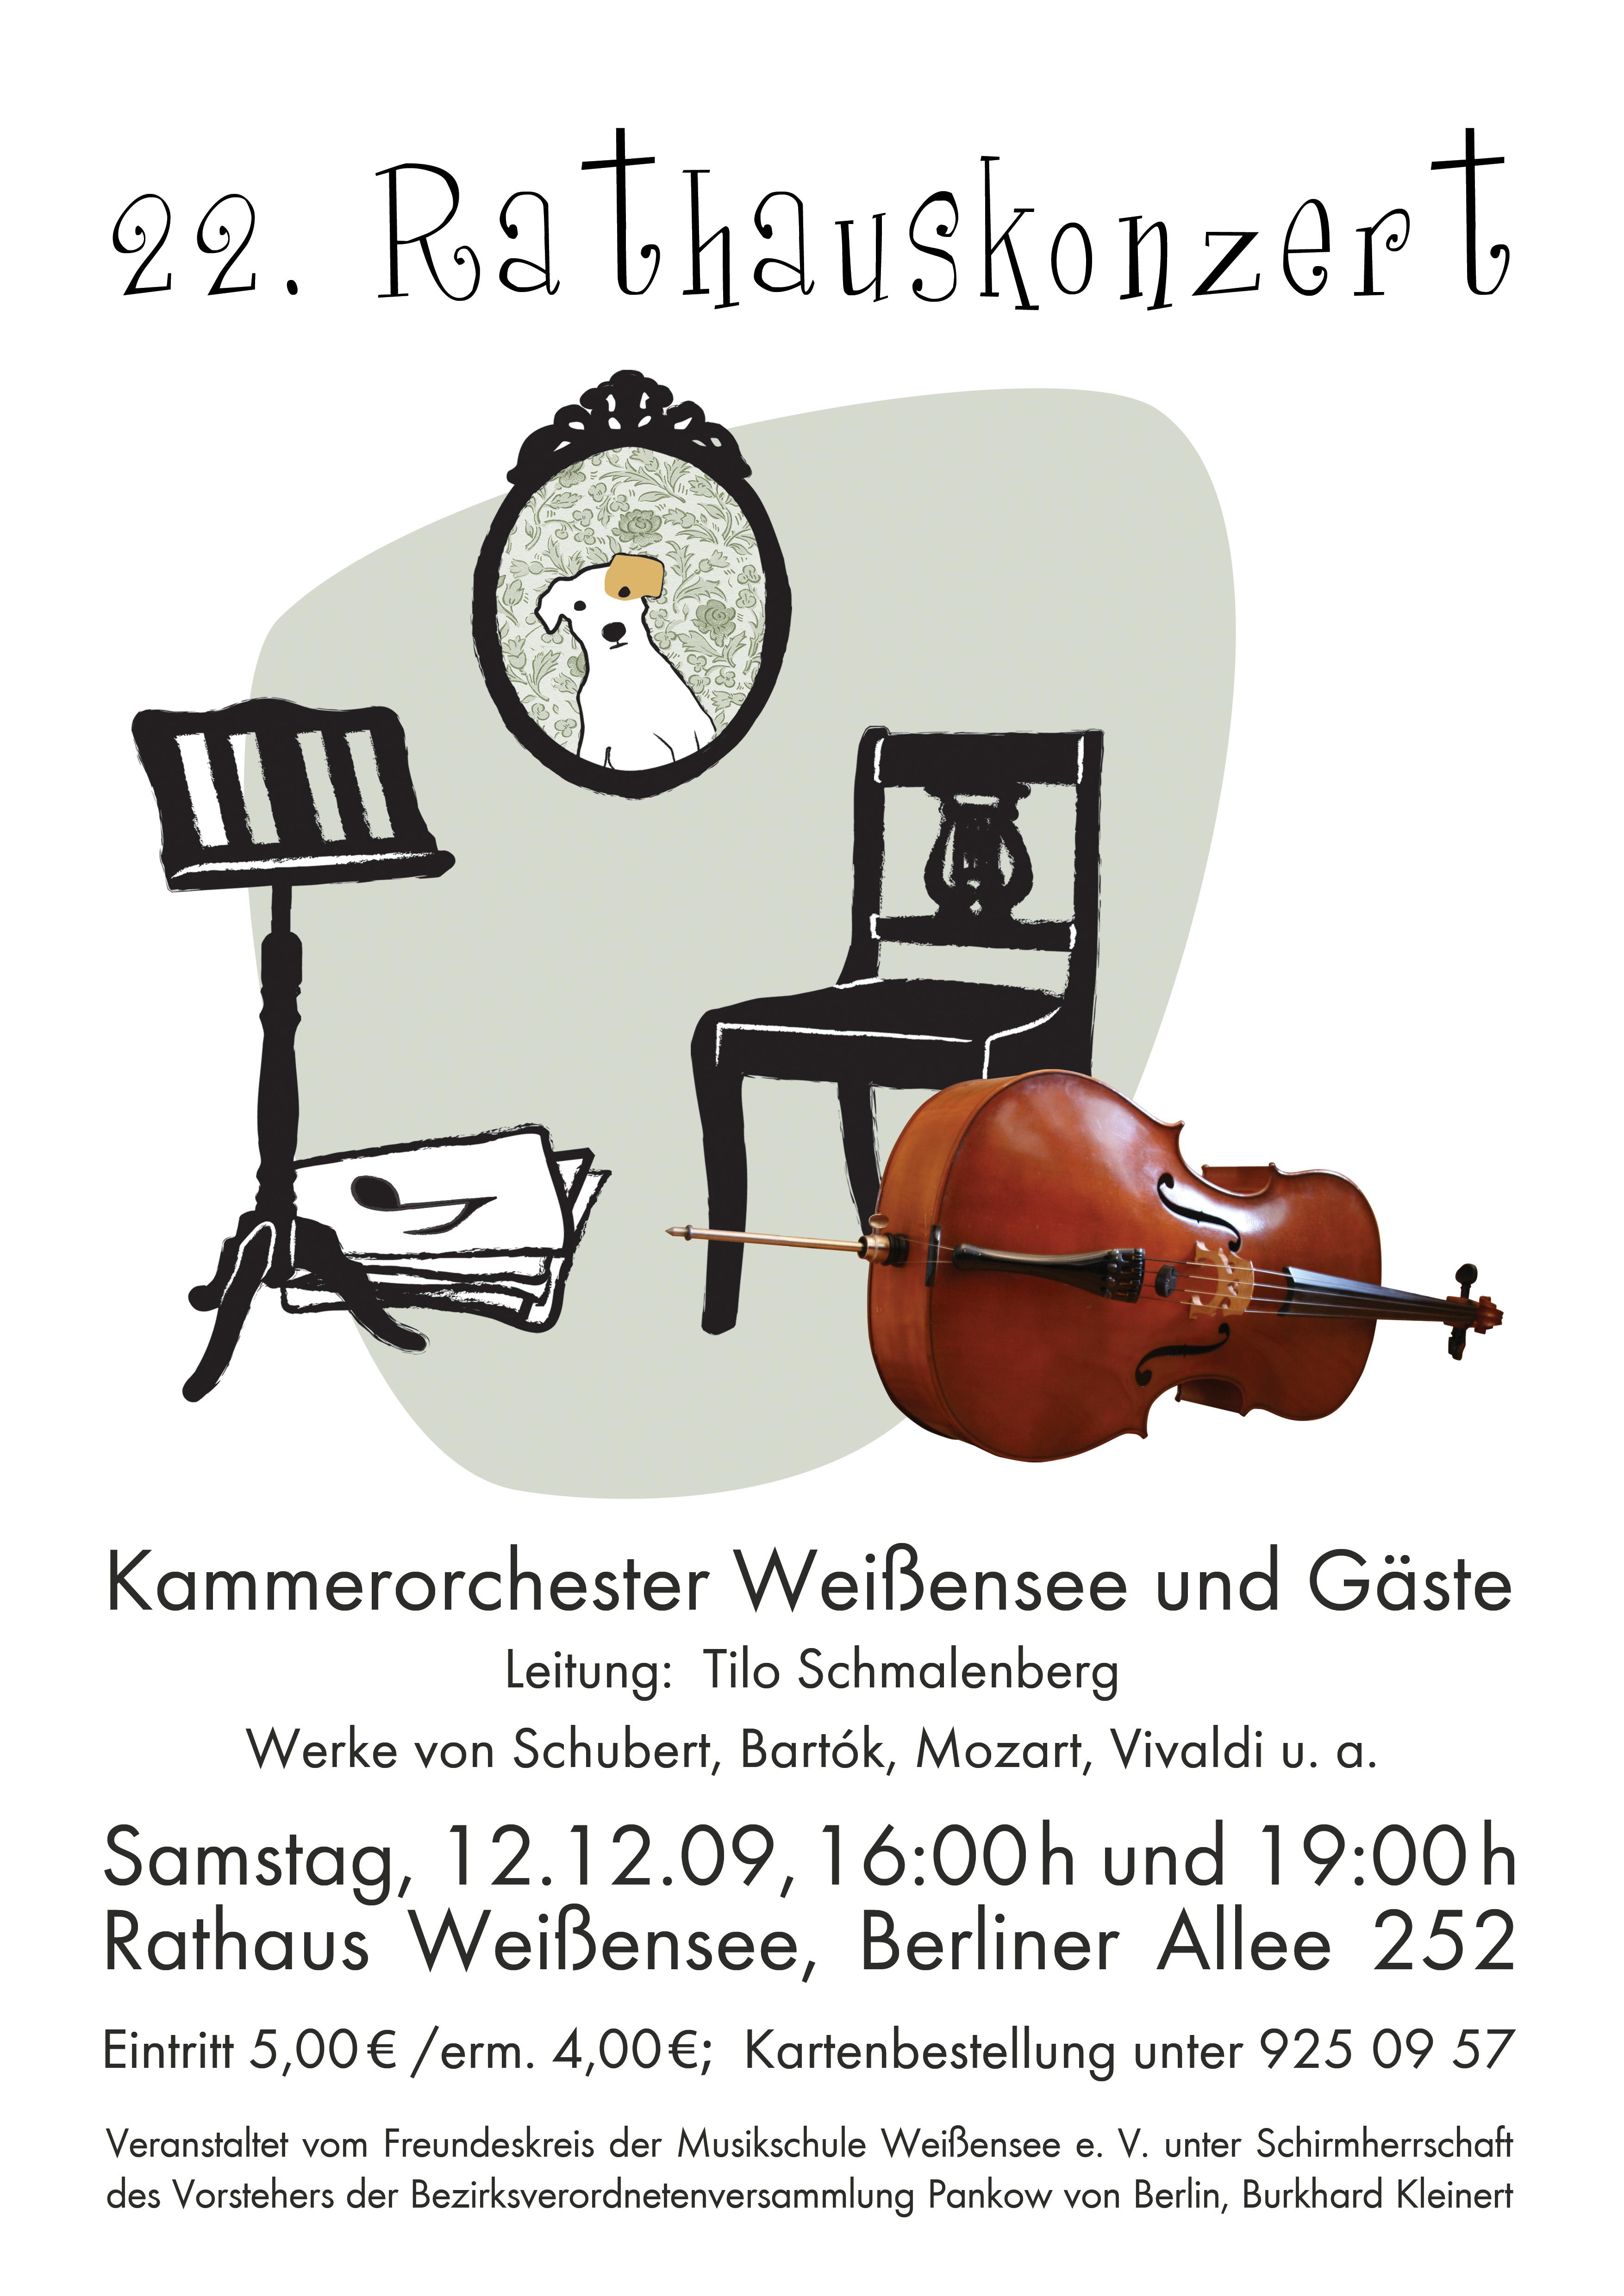 22. Rathauskonzert